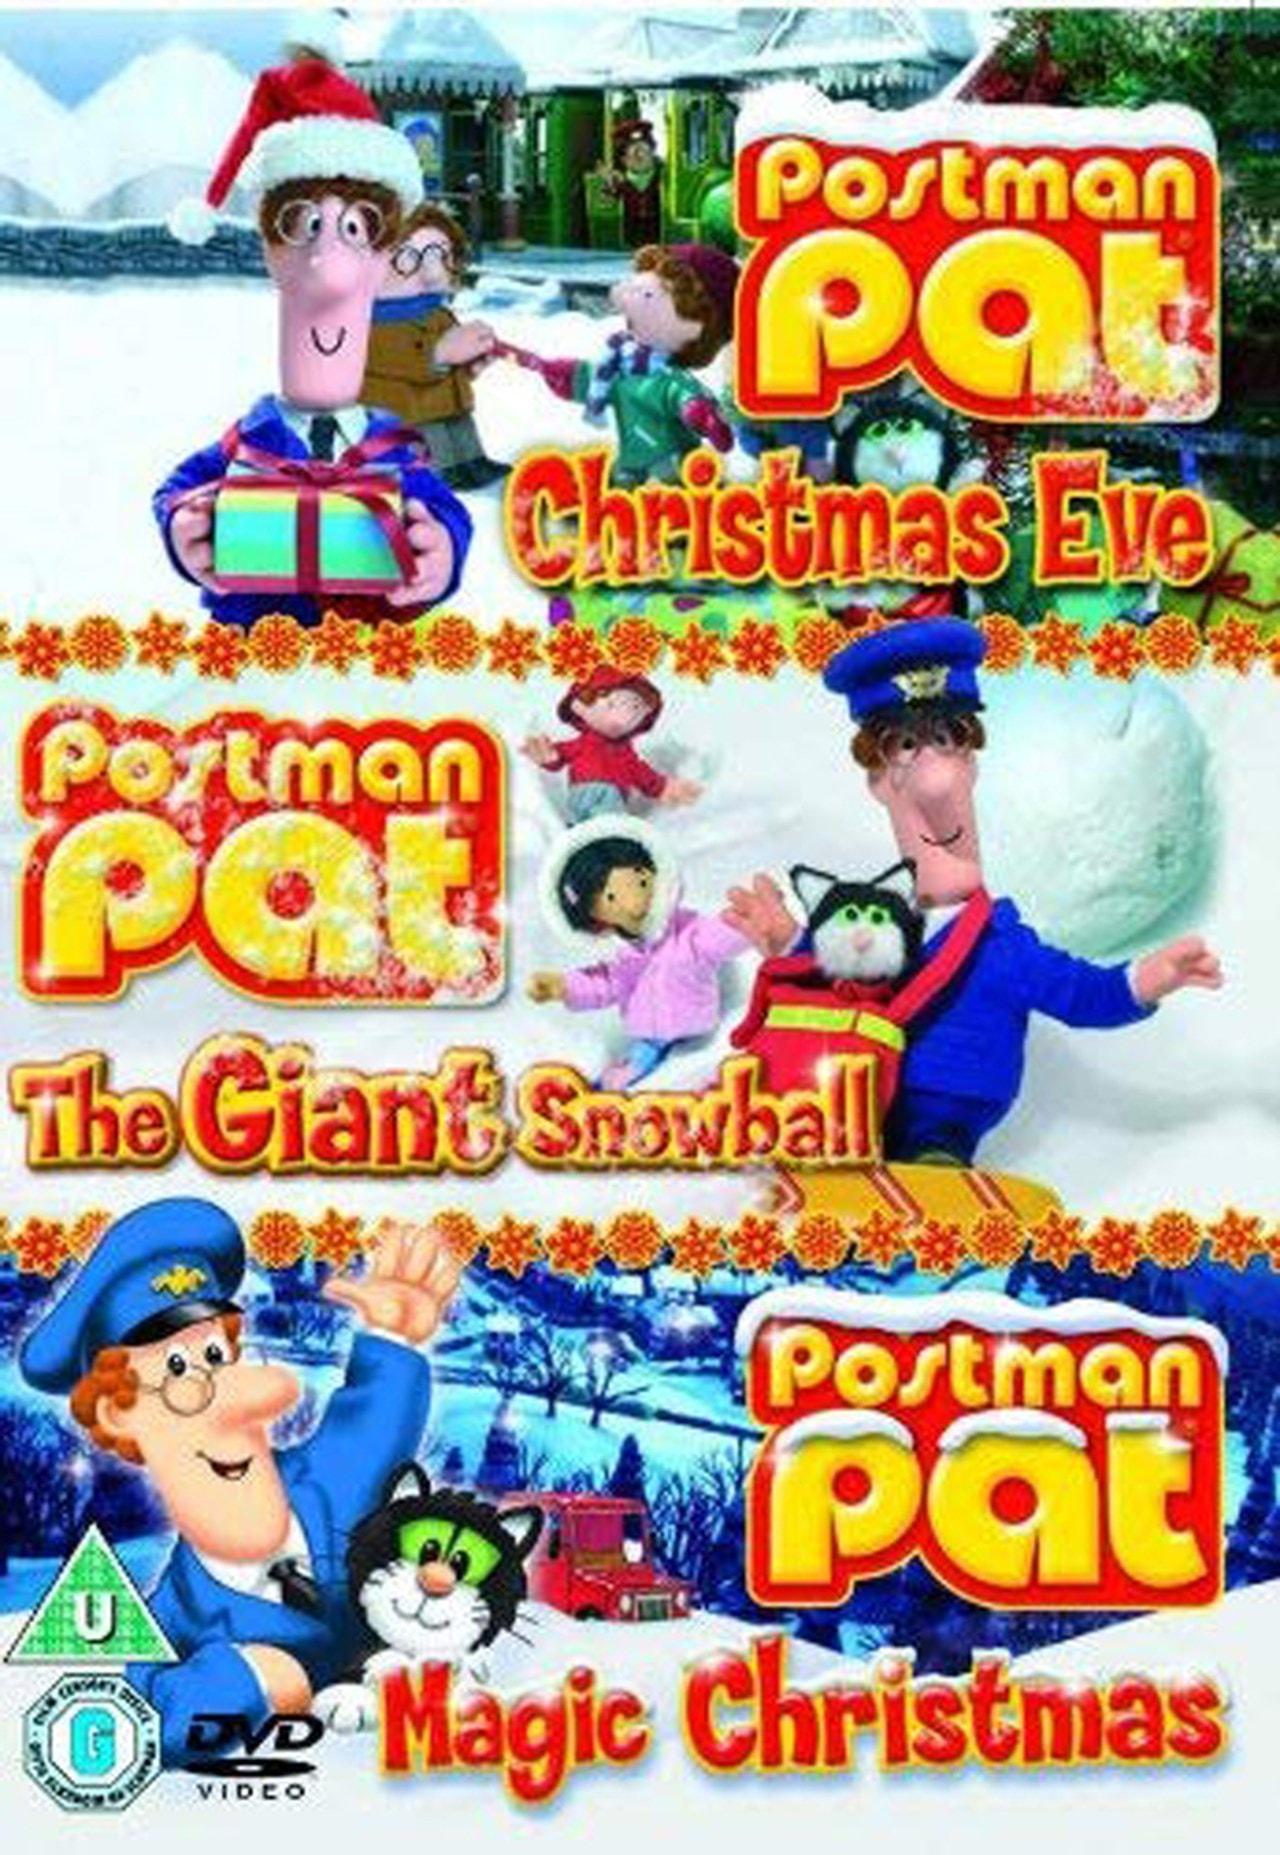 Postman Pat: Christmas Collection - 1